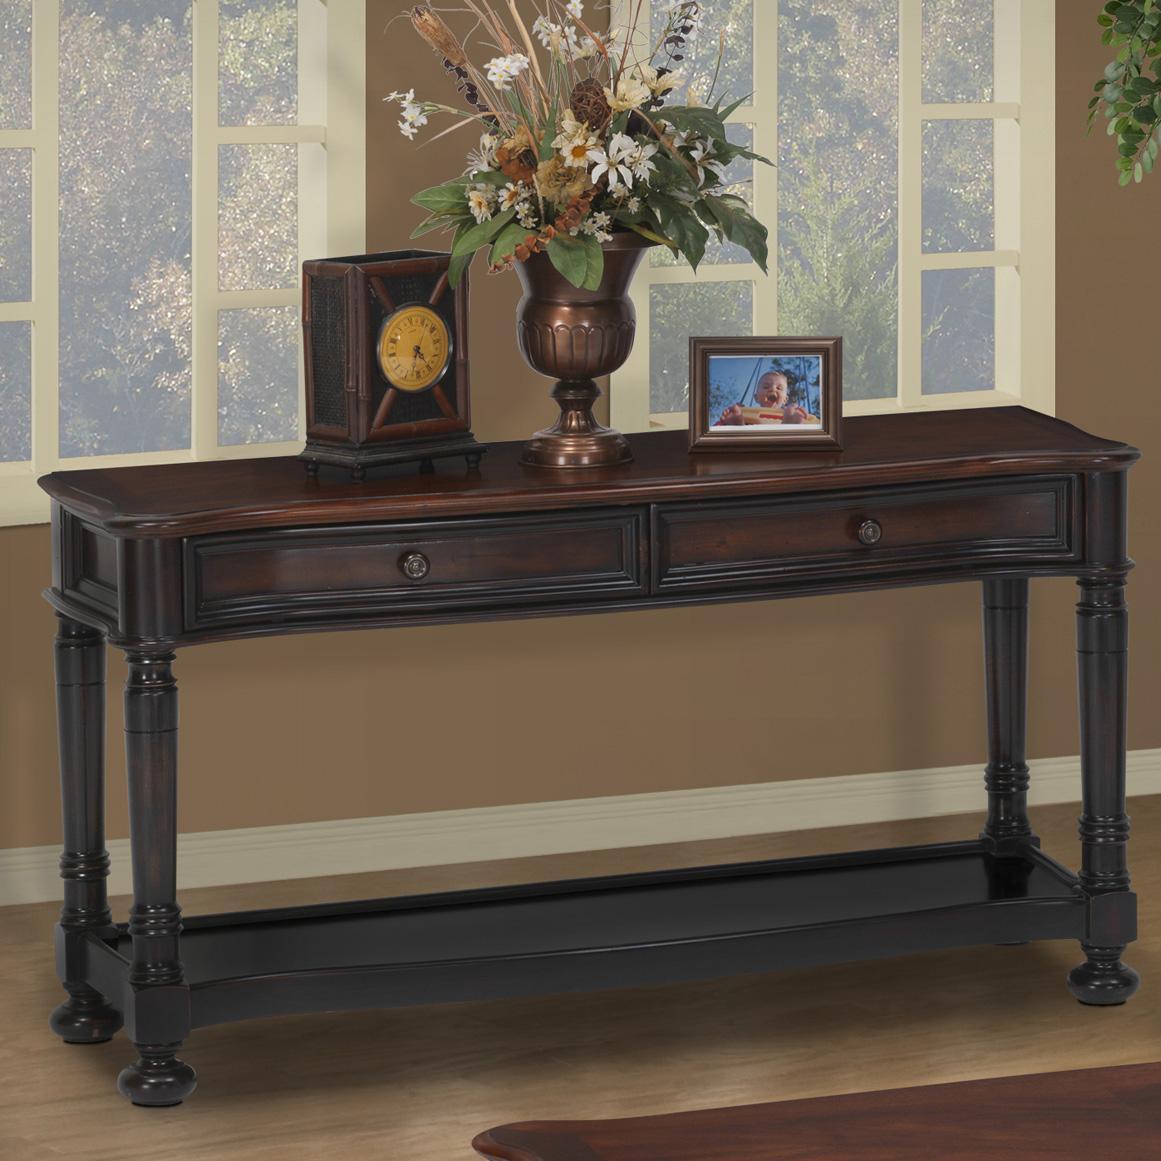 New Classic Jamaica Jamaica Sofa Table - Item Number: 03-0020-50-631